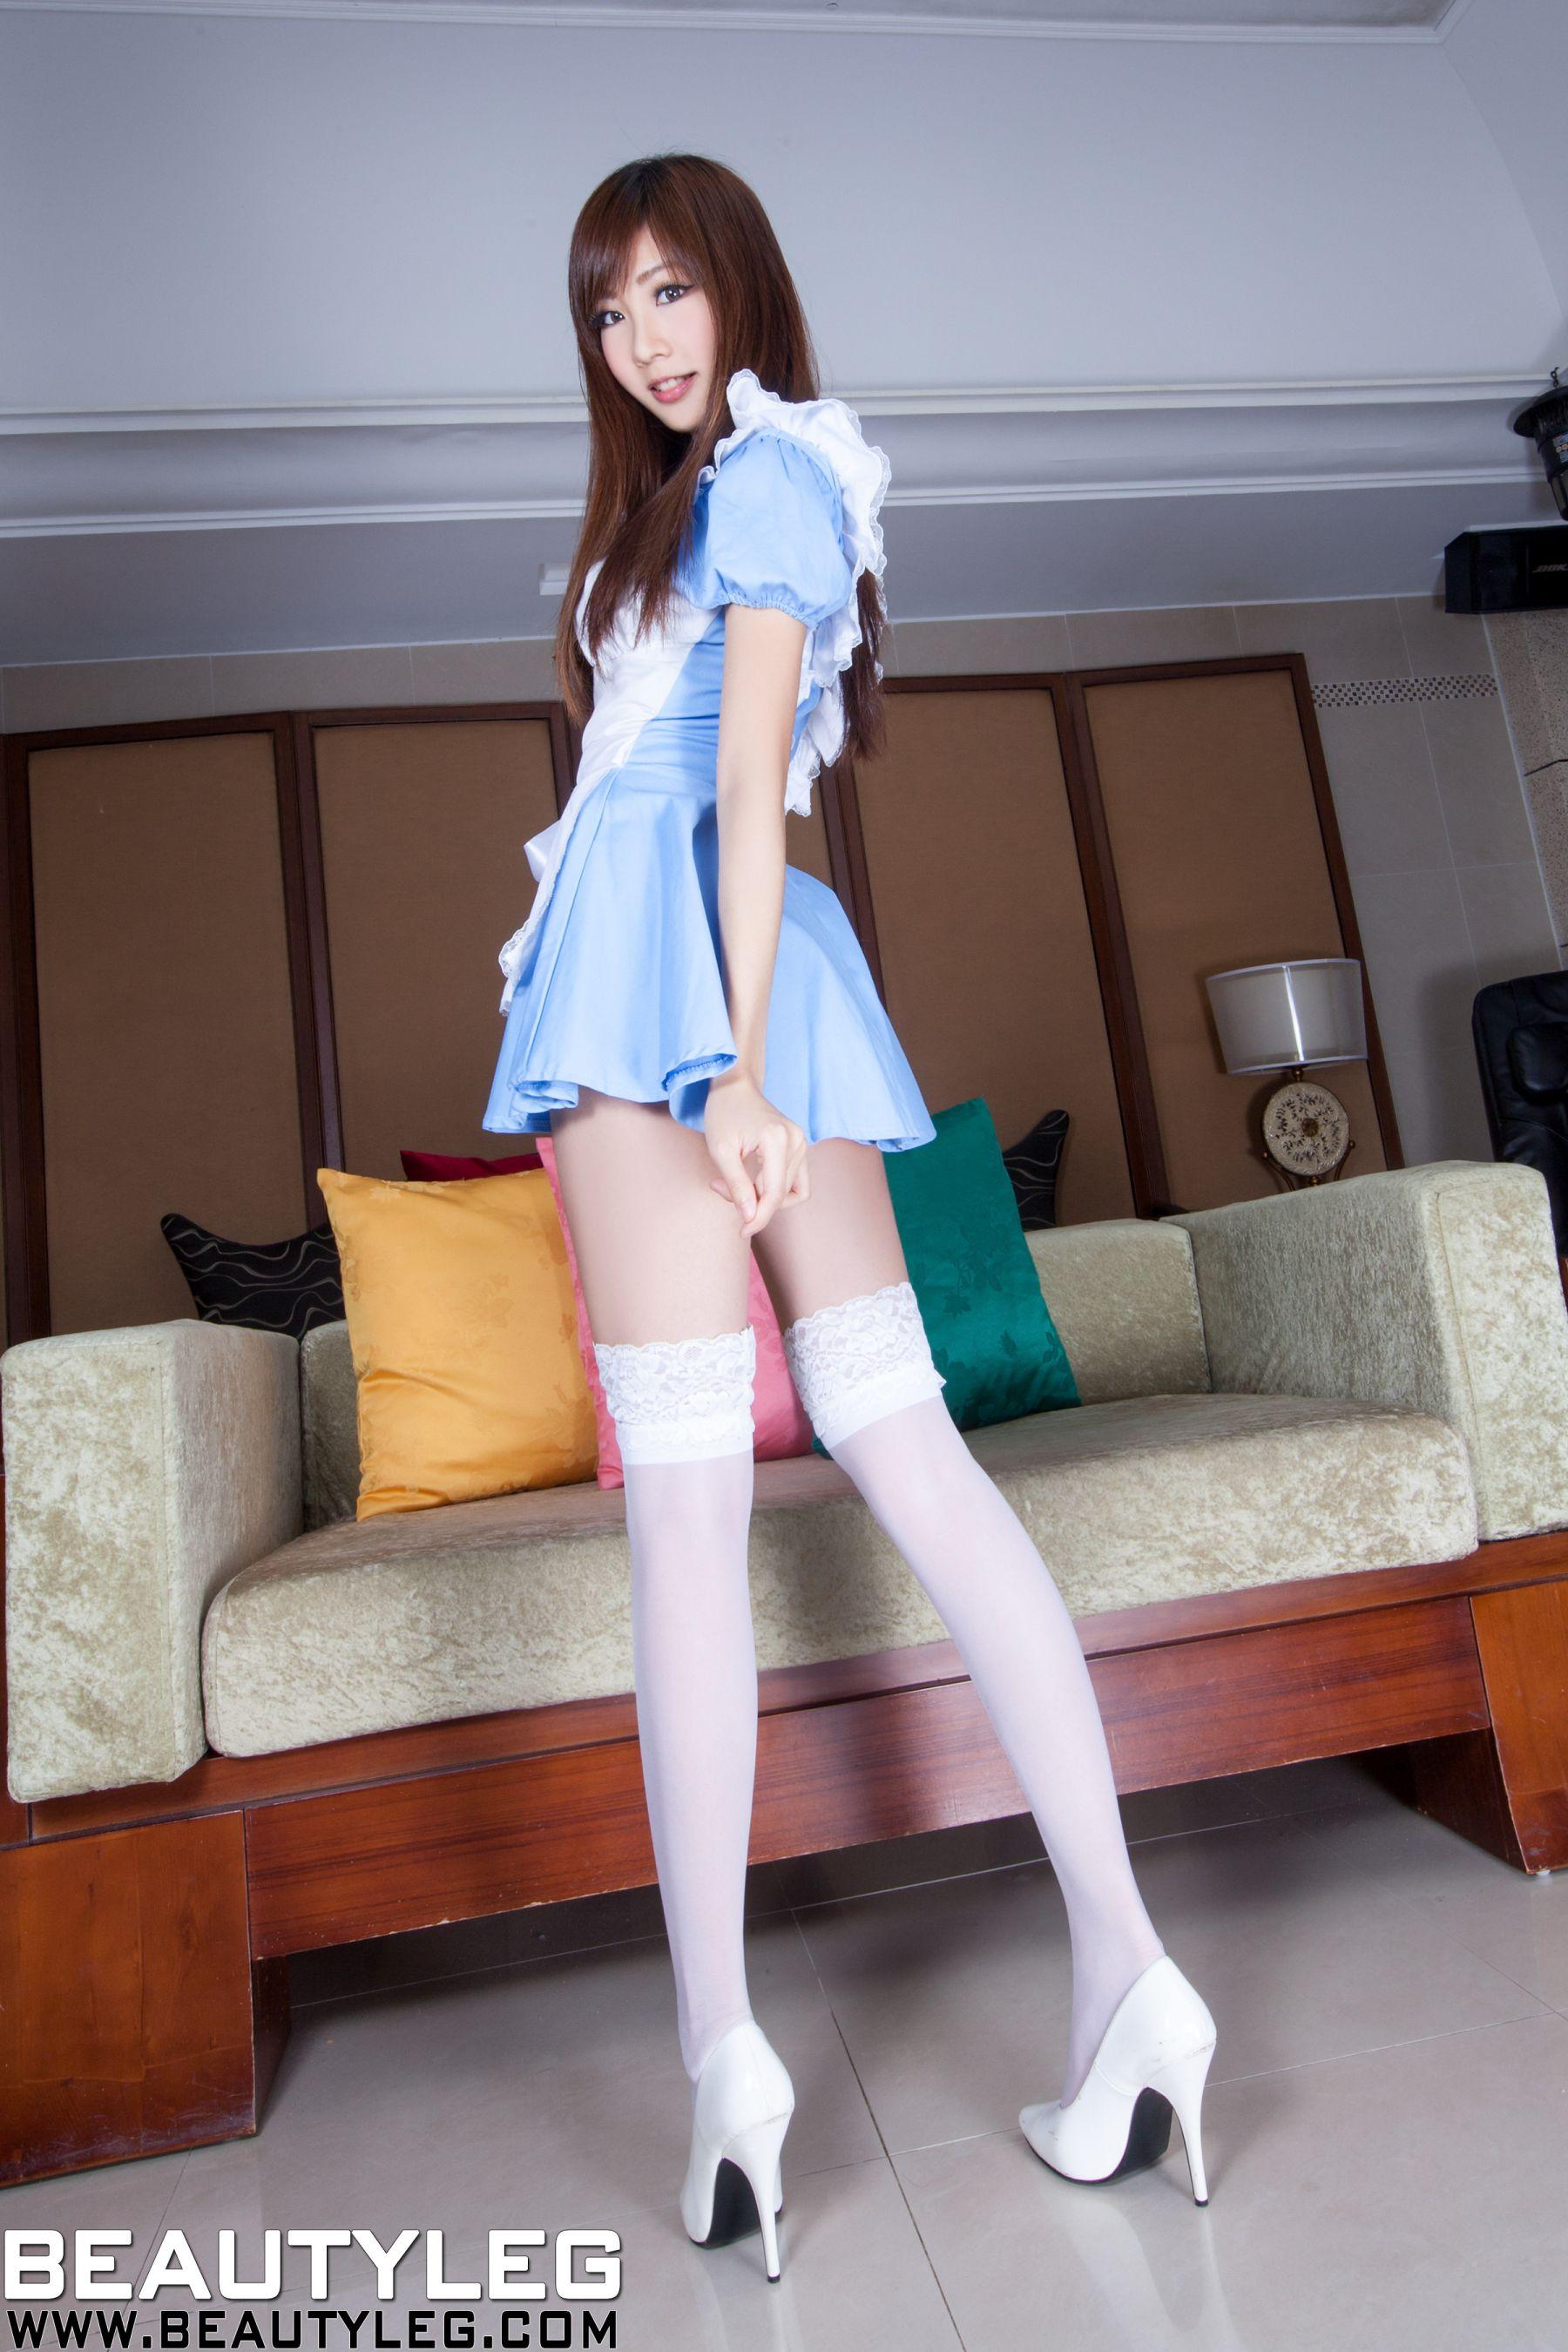 VOL.908 [Beautyleg]女仆制服美腿:张雅筑(腿模Chu,张小筑)高品质写真套图(40P)